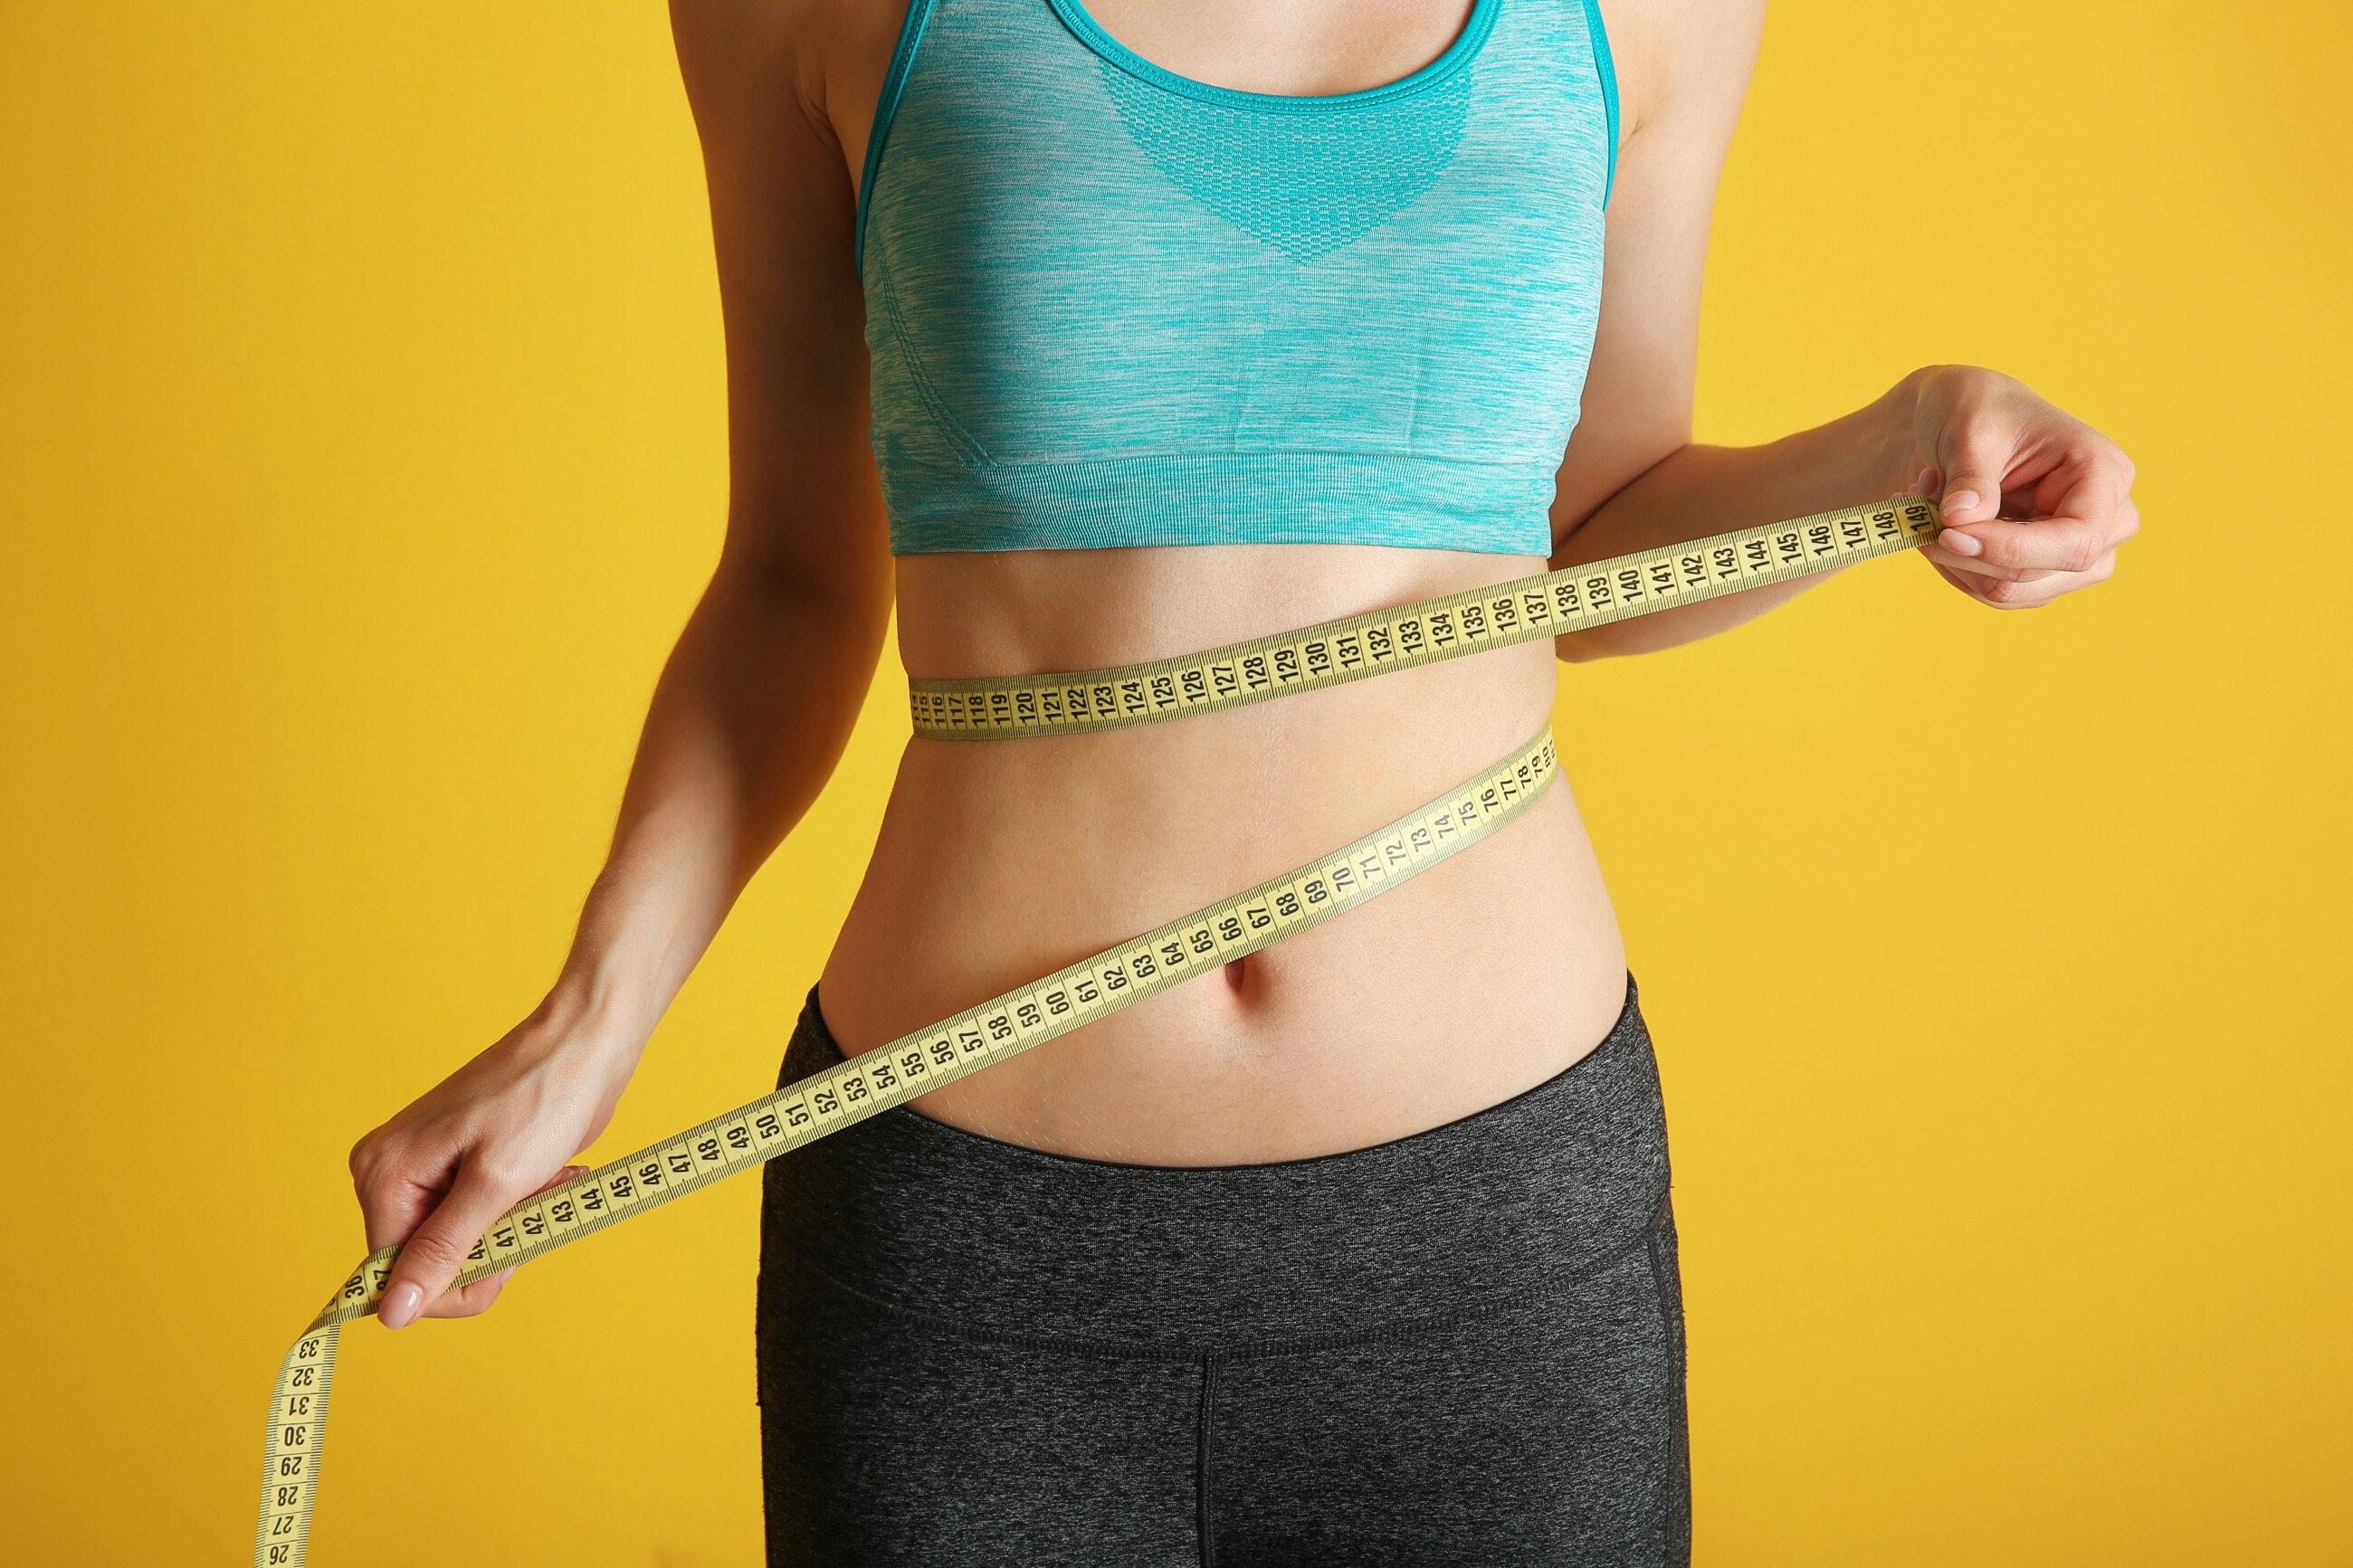 Średnia zawartość tkanki tłuszczowej zgromadzonej w ciele kobiety wynosi: